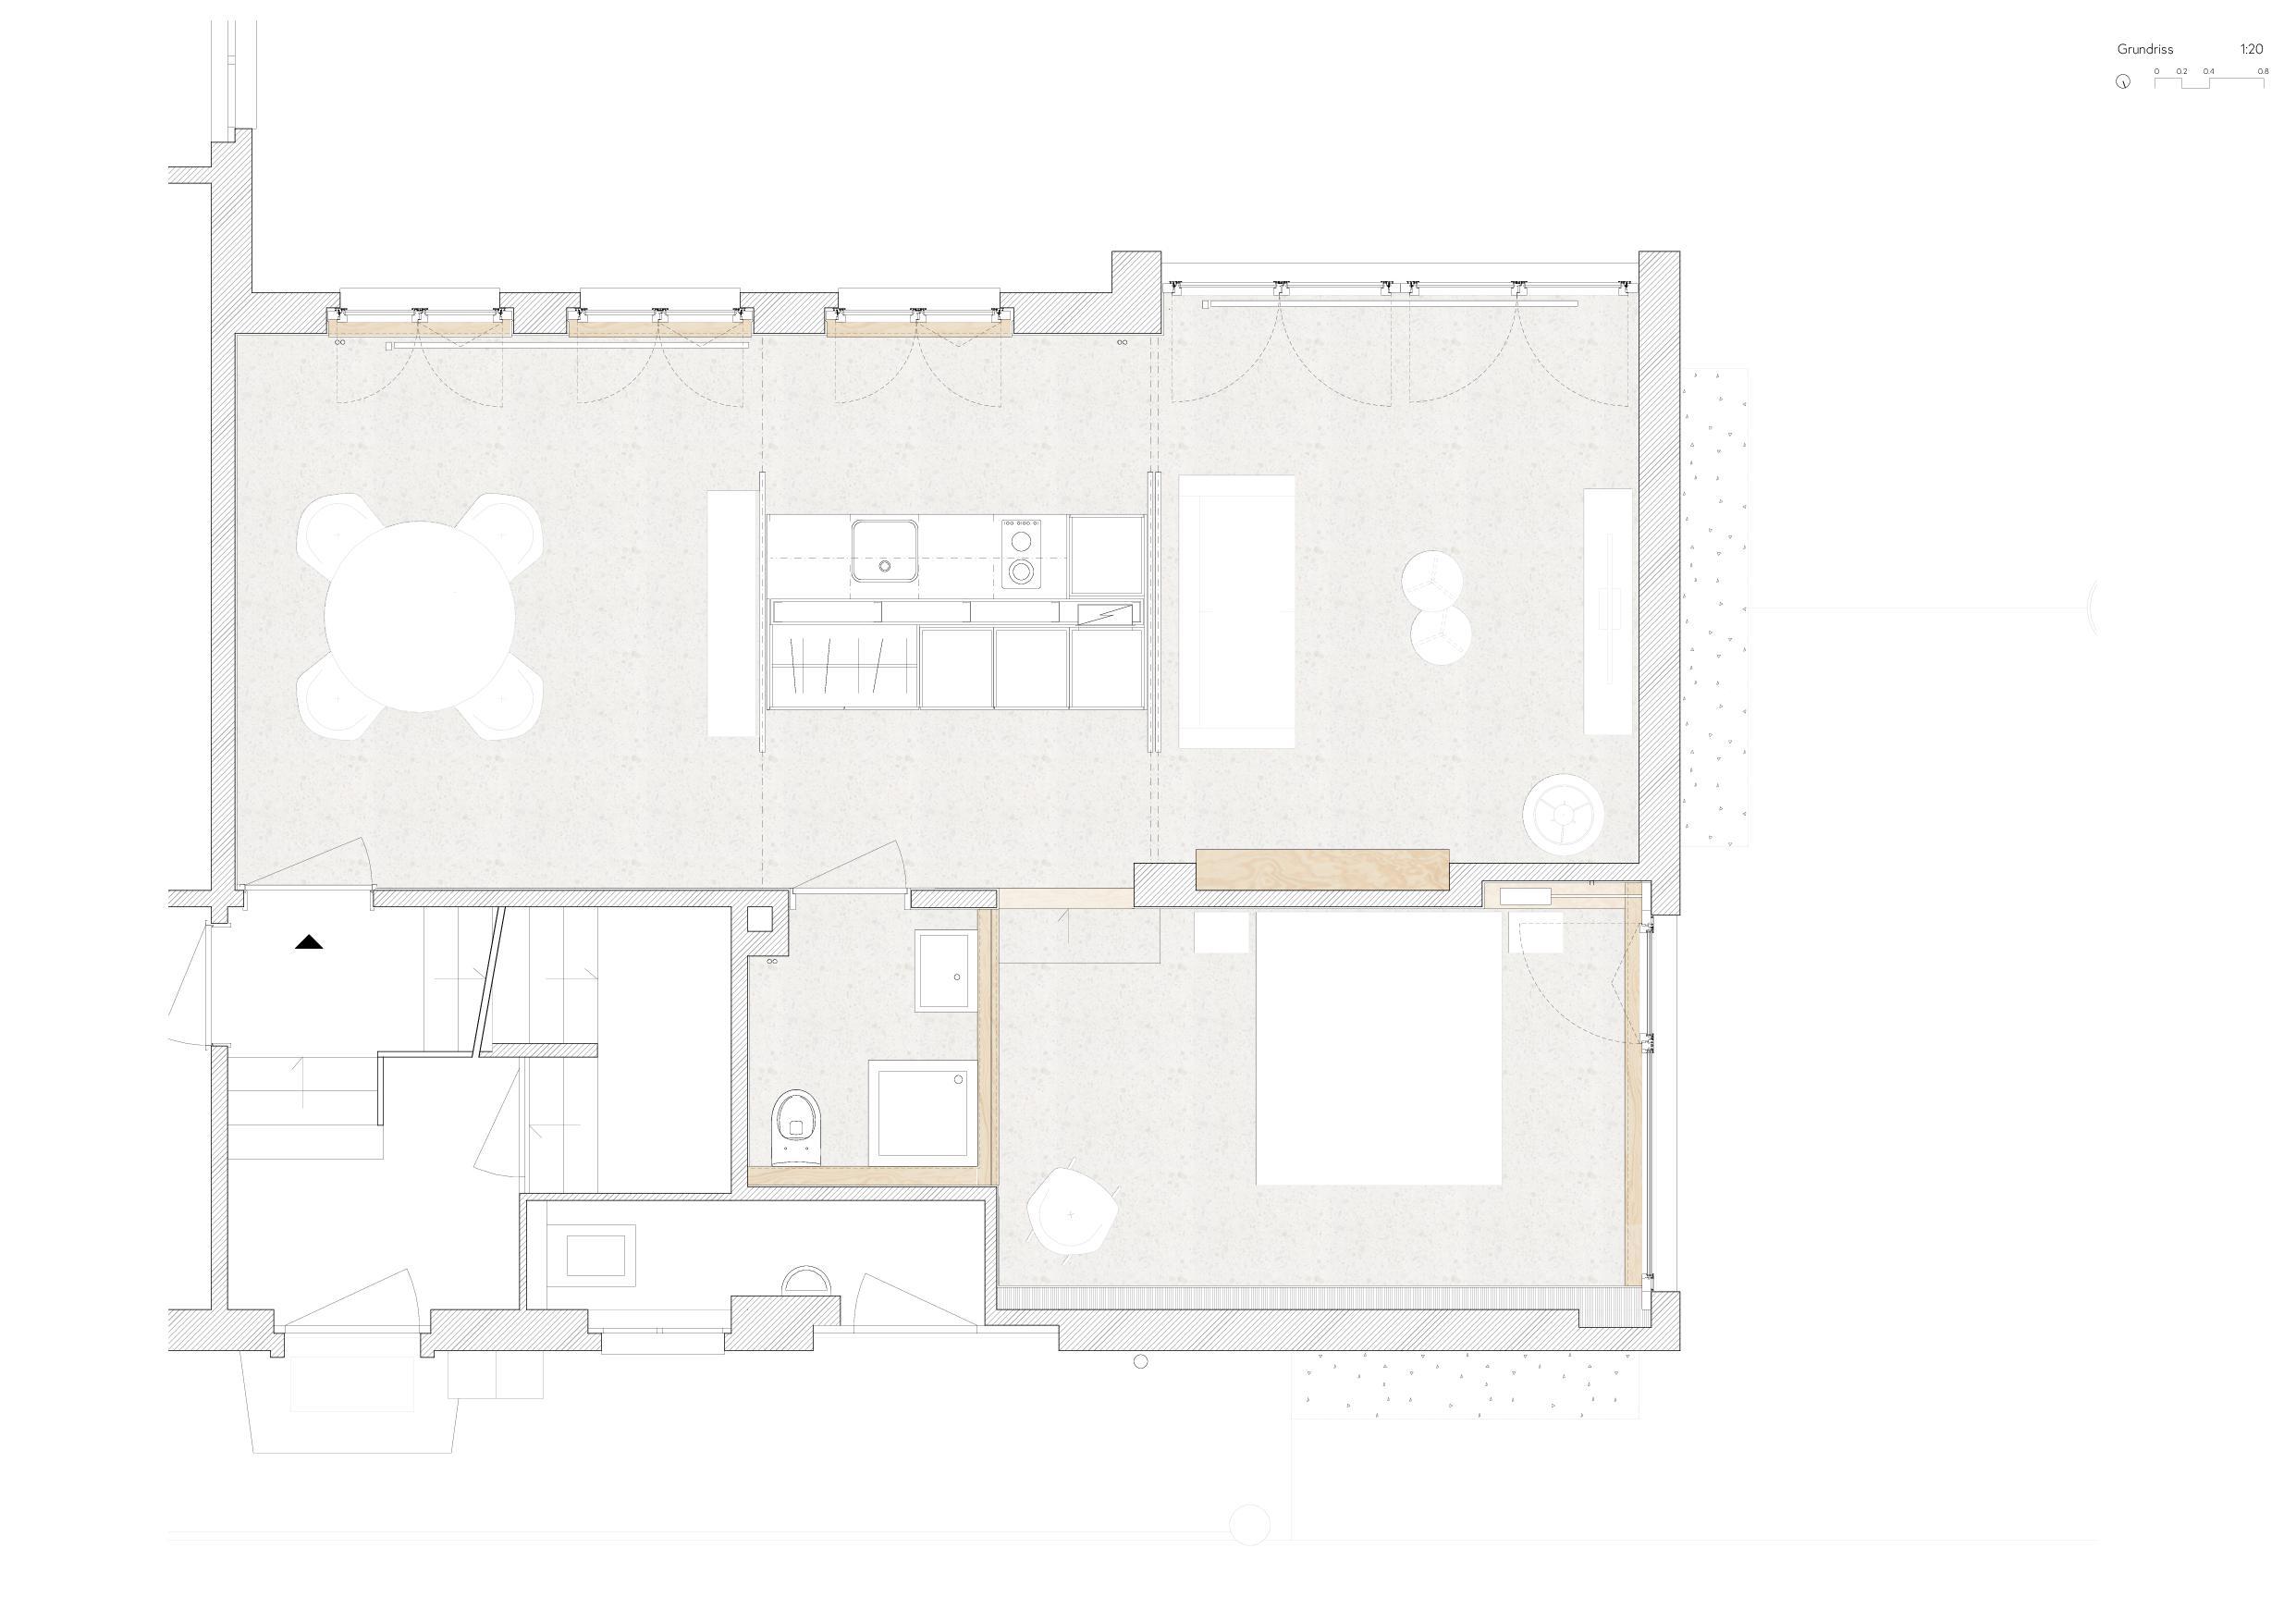 Grundriss Wohnung Umbau Gewerbe zu Studio von Wir Architekten GmbH